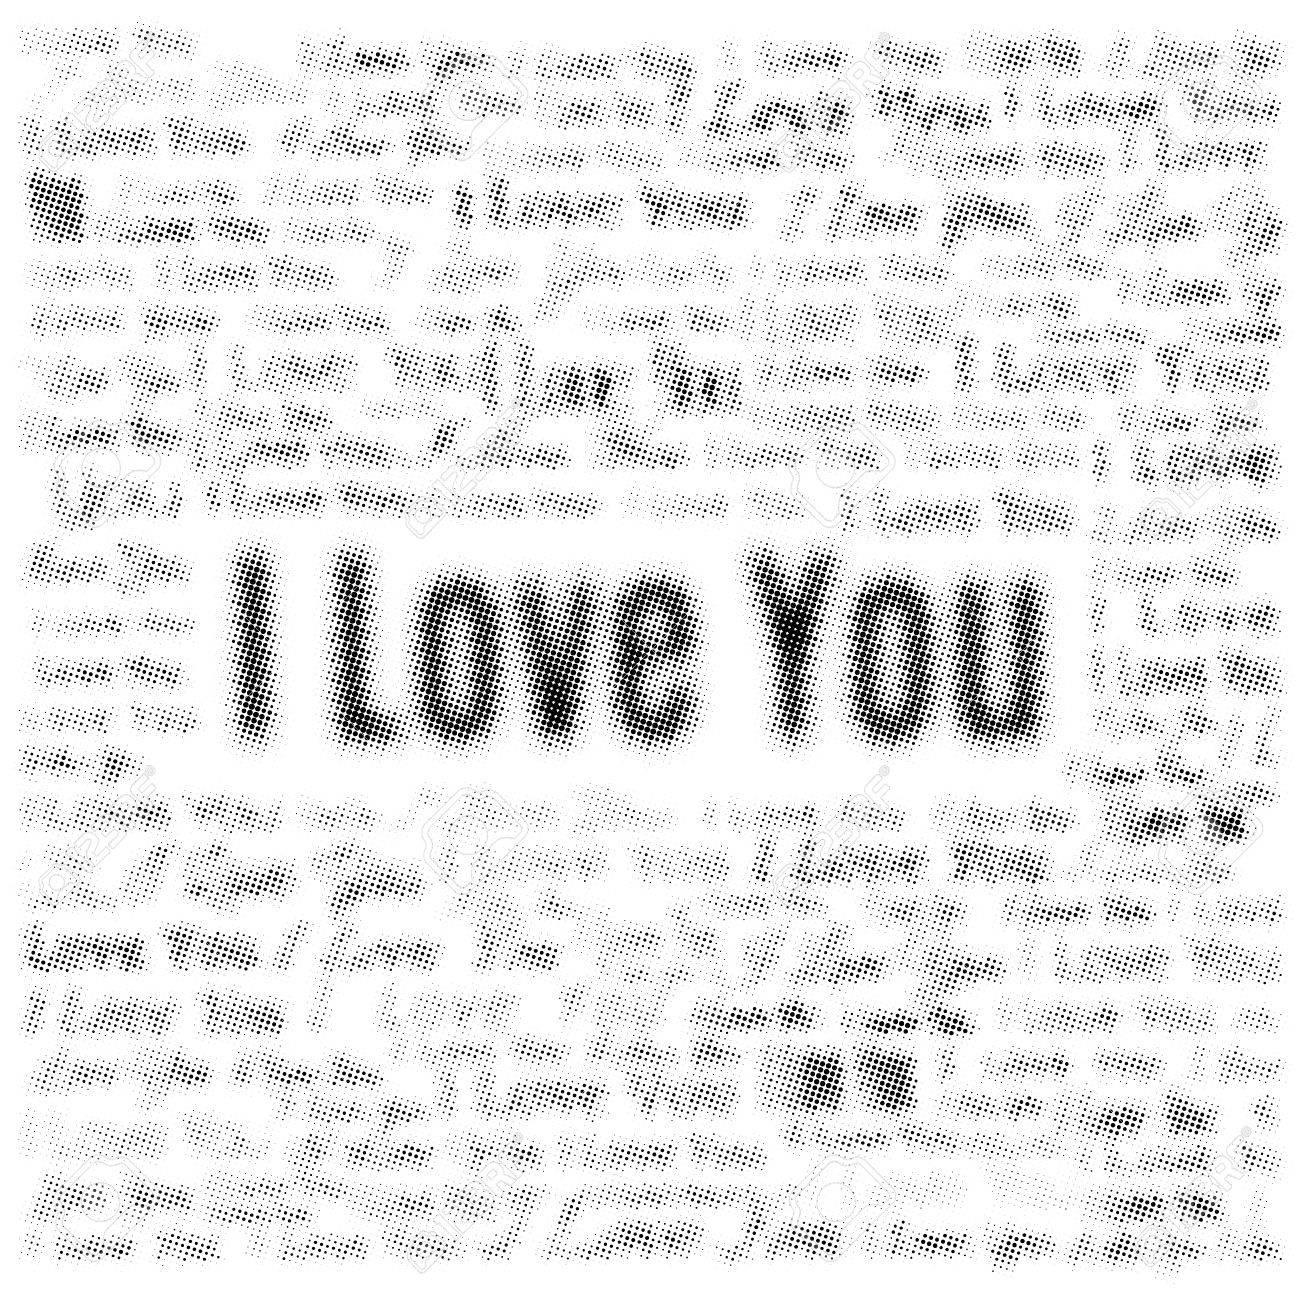 Medias Efecto De Un Collage De Frases Te Amo Fondo Del Amor Con El